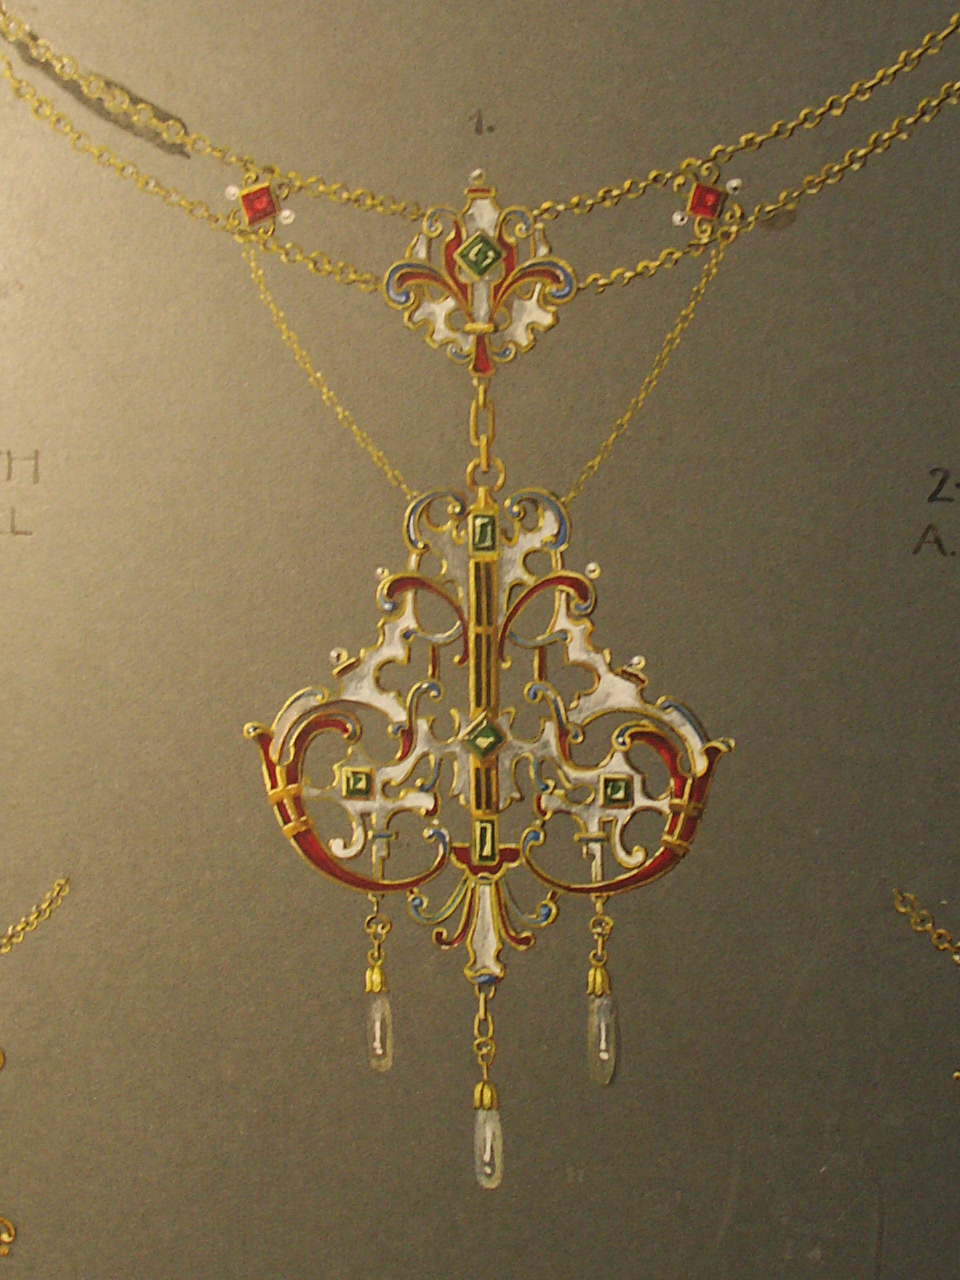 Erna Hirsch, ontwerptekening hanger, 1880-1930. Foto met dank aan Grafische Sammlung Stern©